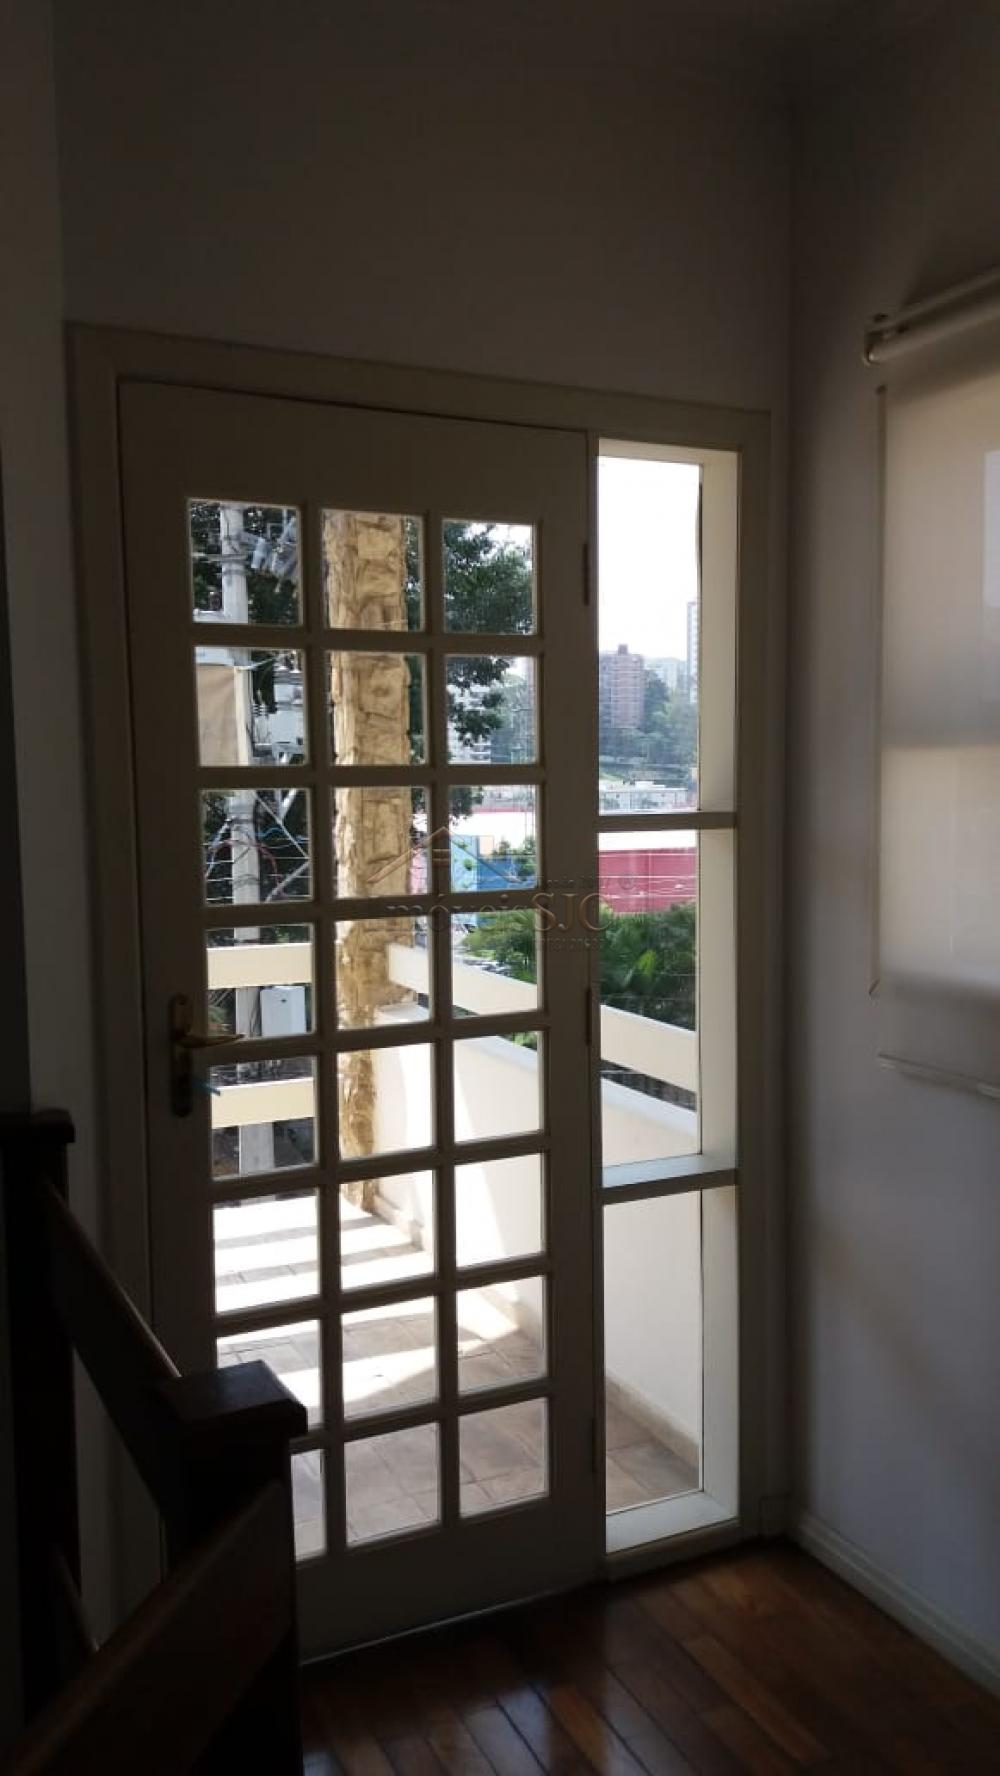 Comprar Casas / Condomínio em São José dos Campos apenas R$ 1.500.000,00 - Foto 16